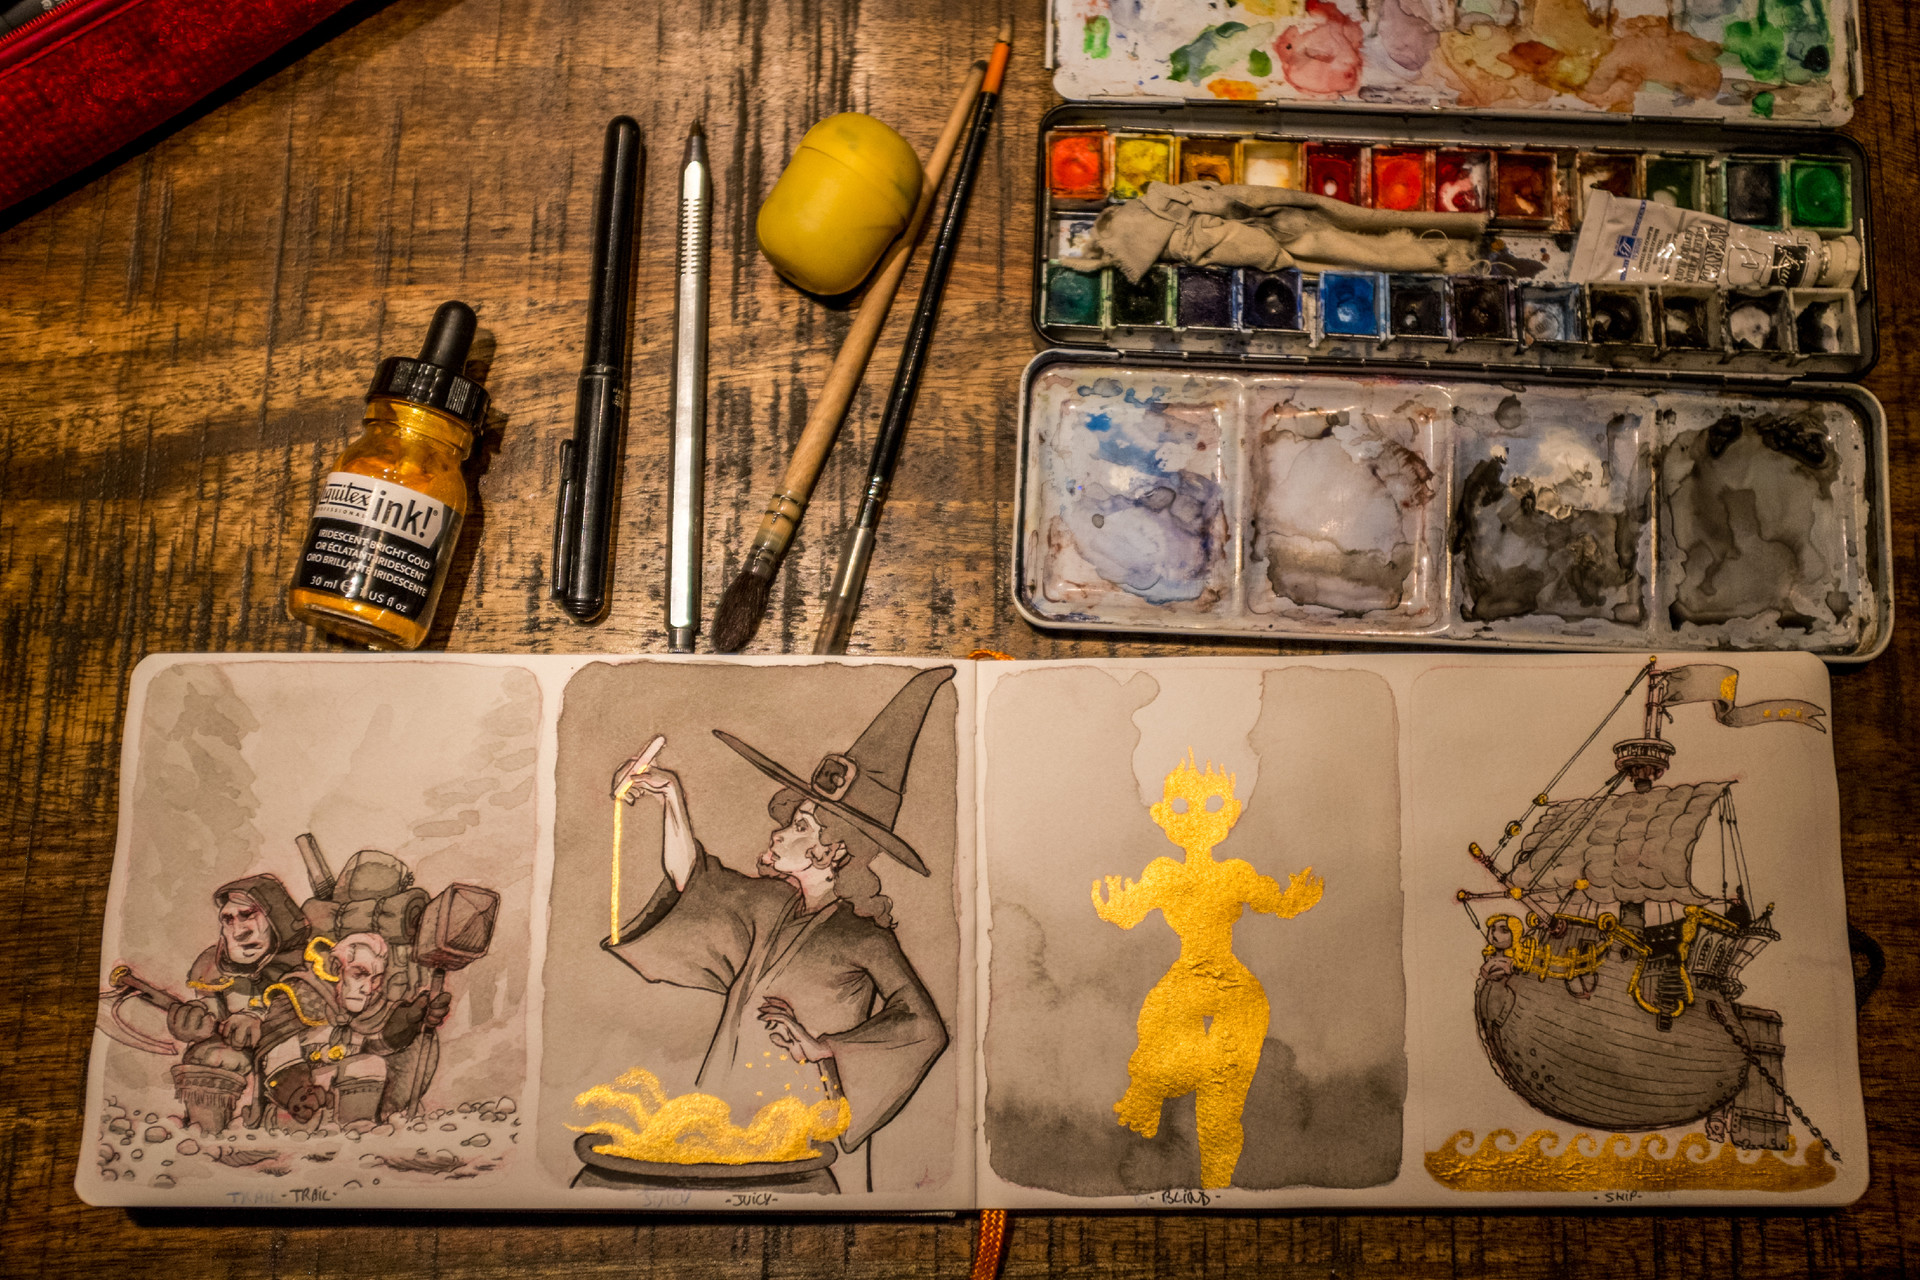 Vincent derozier vincent derozier drawings 18